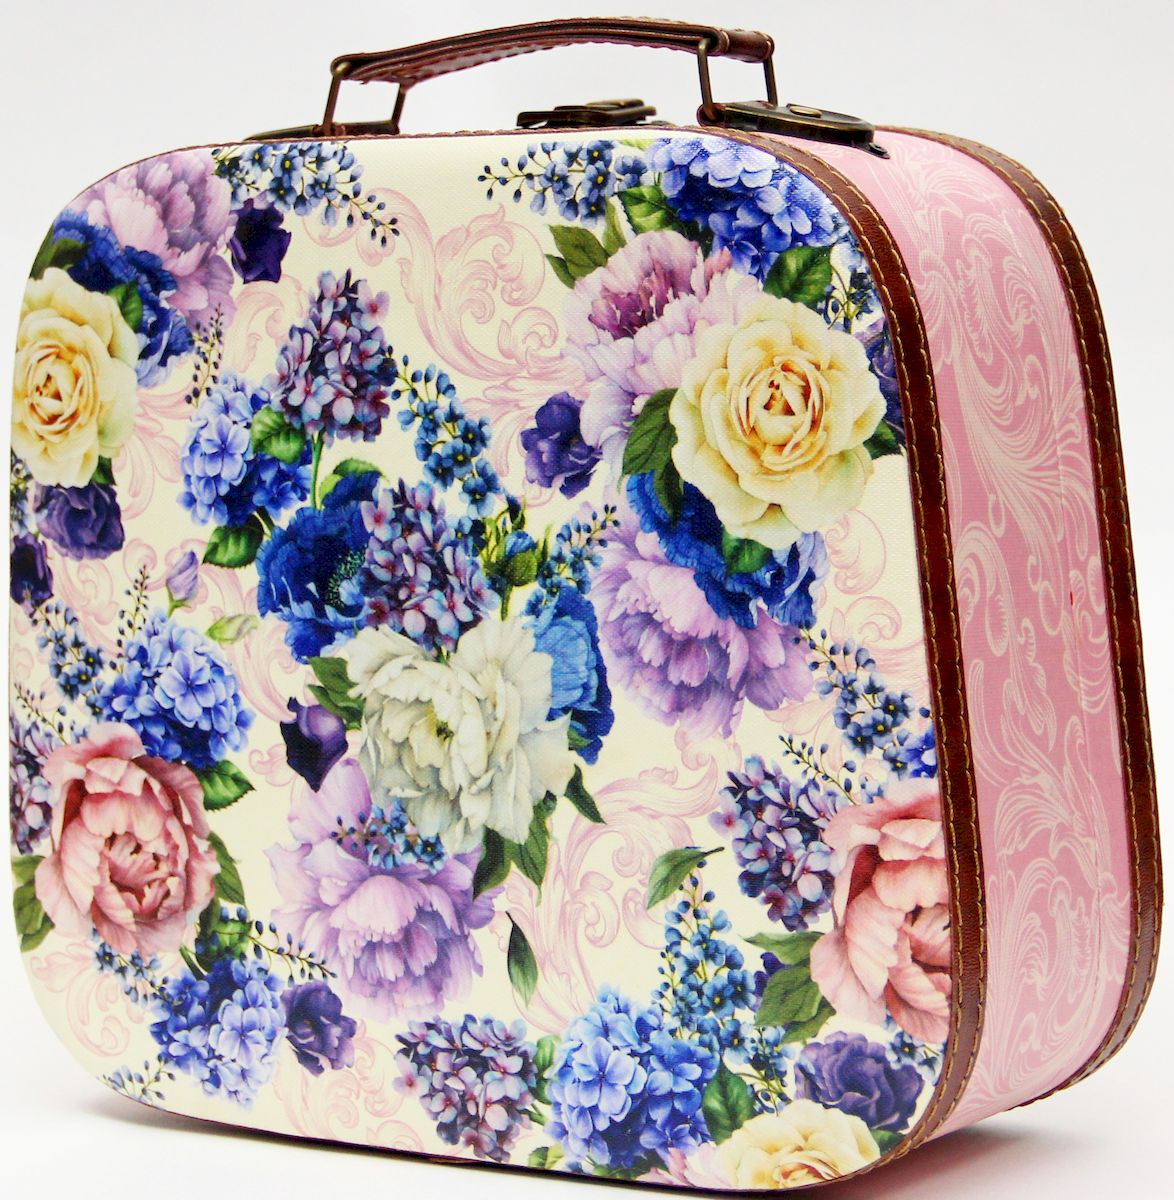 Шкатулка декоративная Magic Home Лиловые букеты, цвет: розовый, 28,5 х 25 х 10,5 шкатулки magic home шкатулка дождь в париже